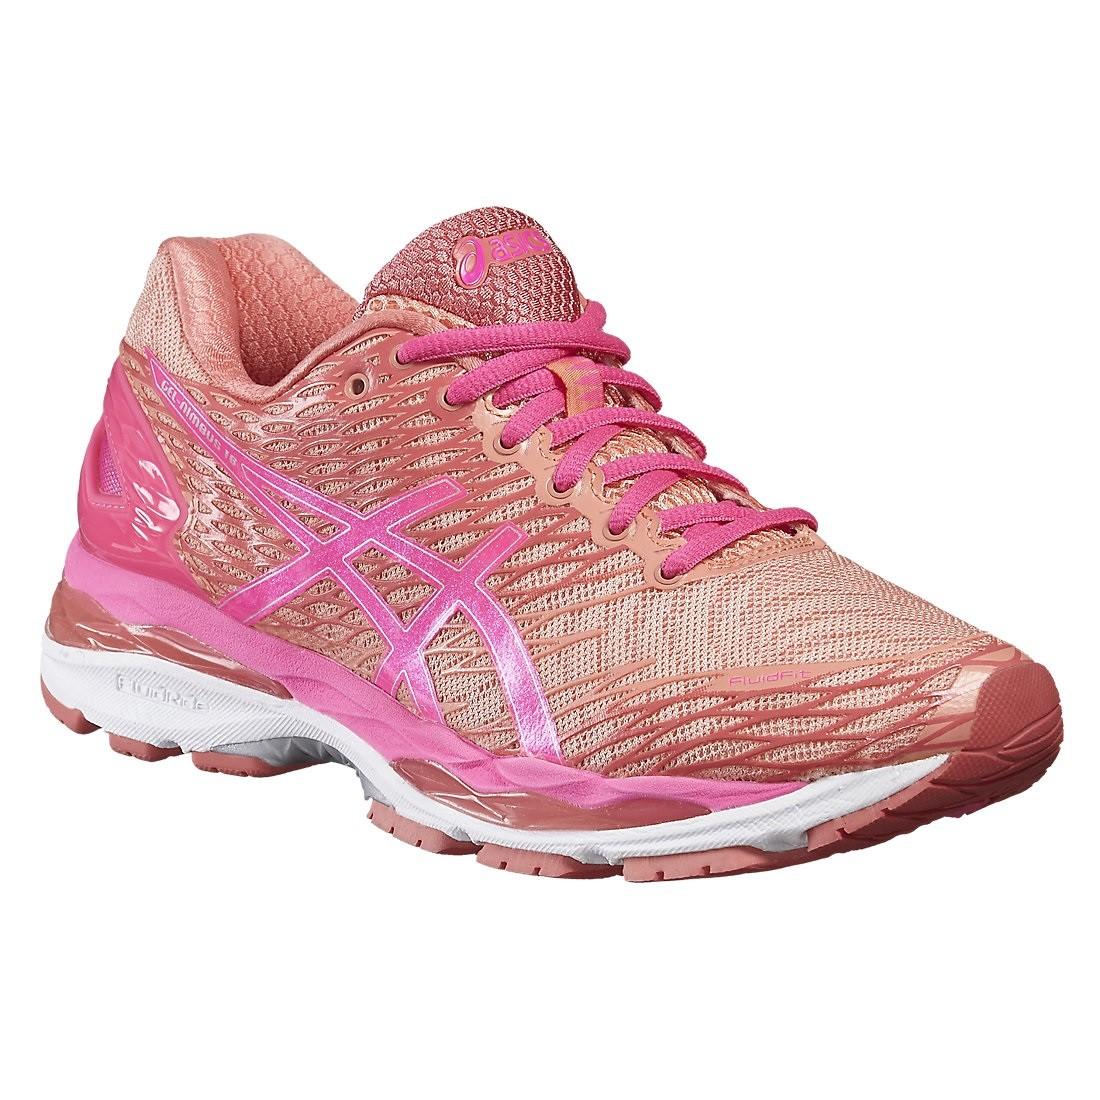 90b2ad8d02 Tênis Feminino Asics Gel Nimbus 18 T650N-7620 - Pessego Pink - Botas ...